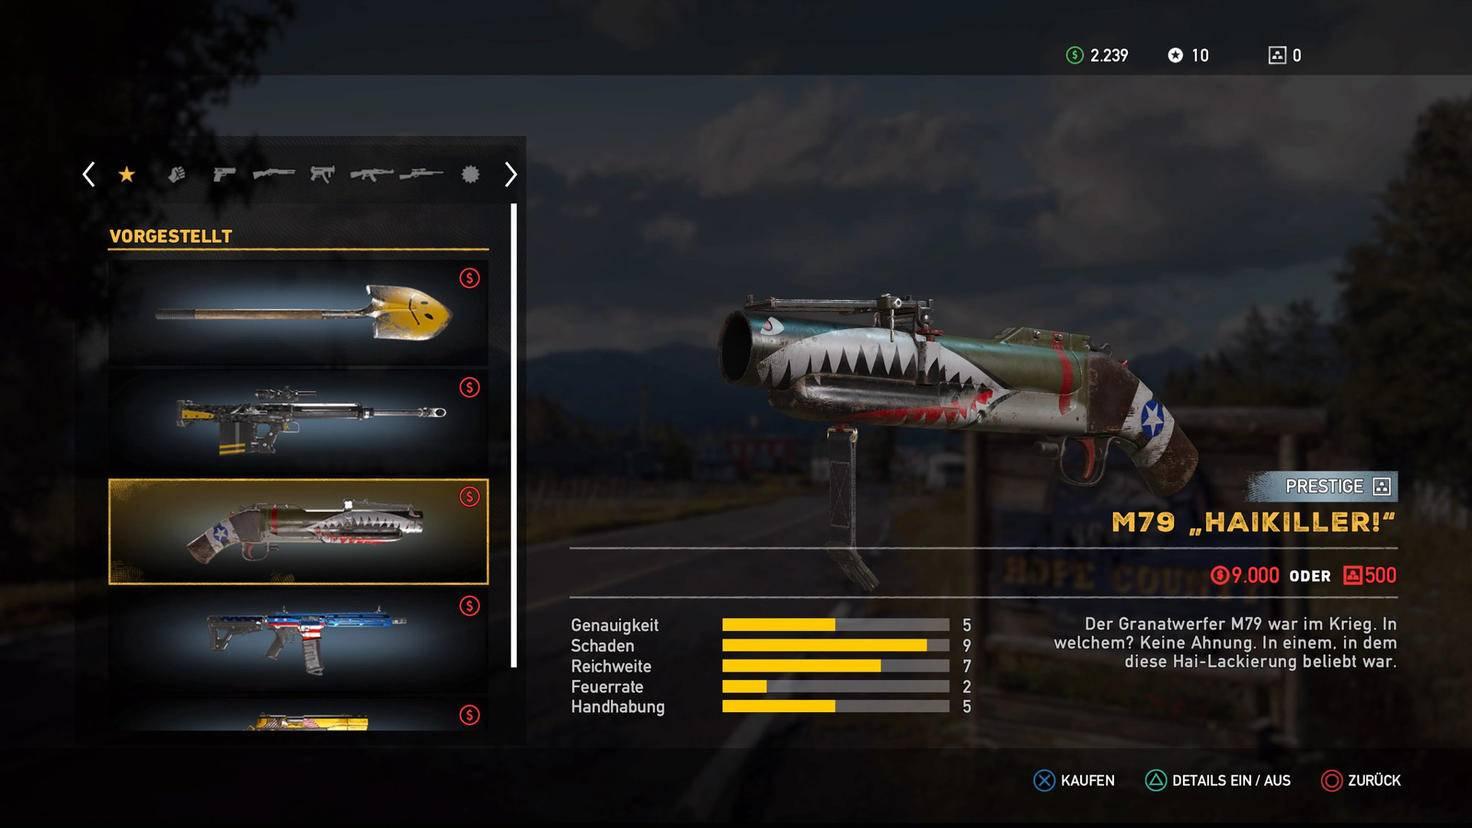 """Mit dem Granatwerfer M79 """"Haikiller!"""" lieferst Du handliche Sprengstoffpäckchen per Luftpost an Joseph Seed und seine Schergen."""